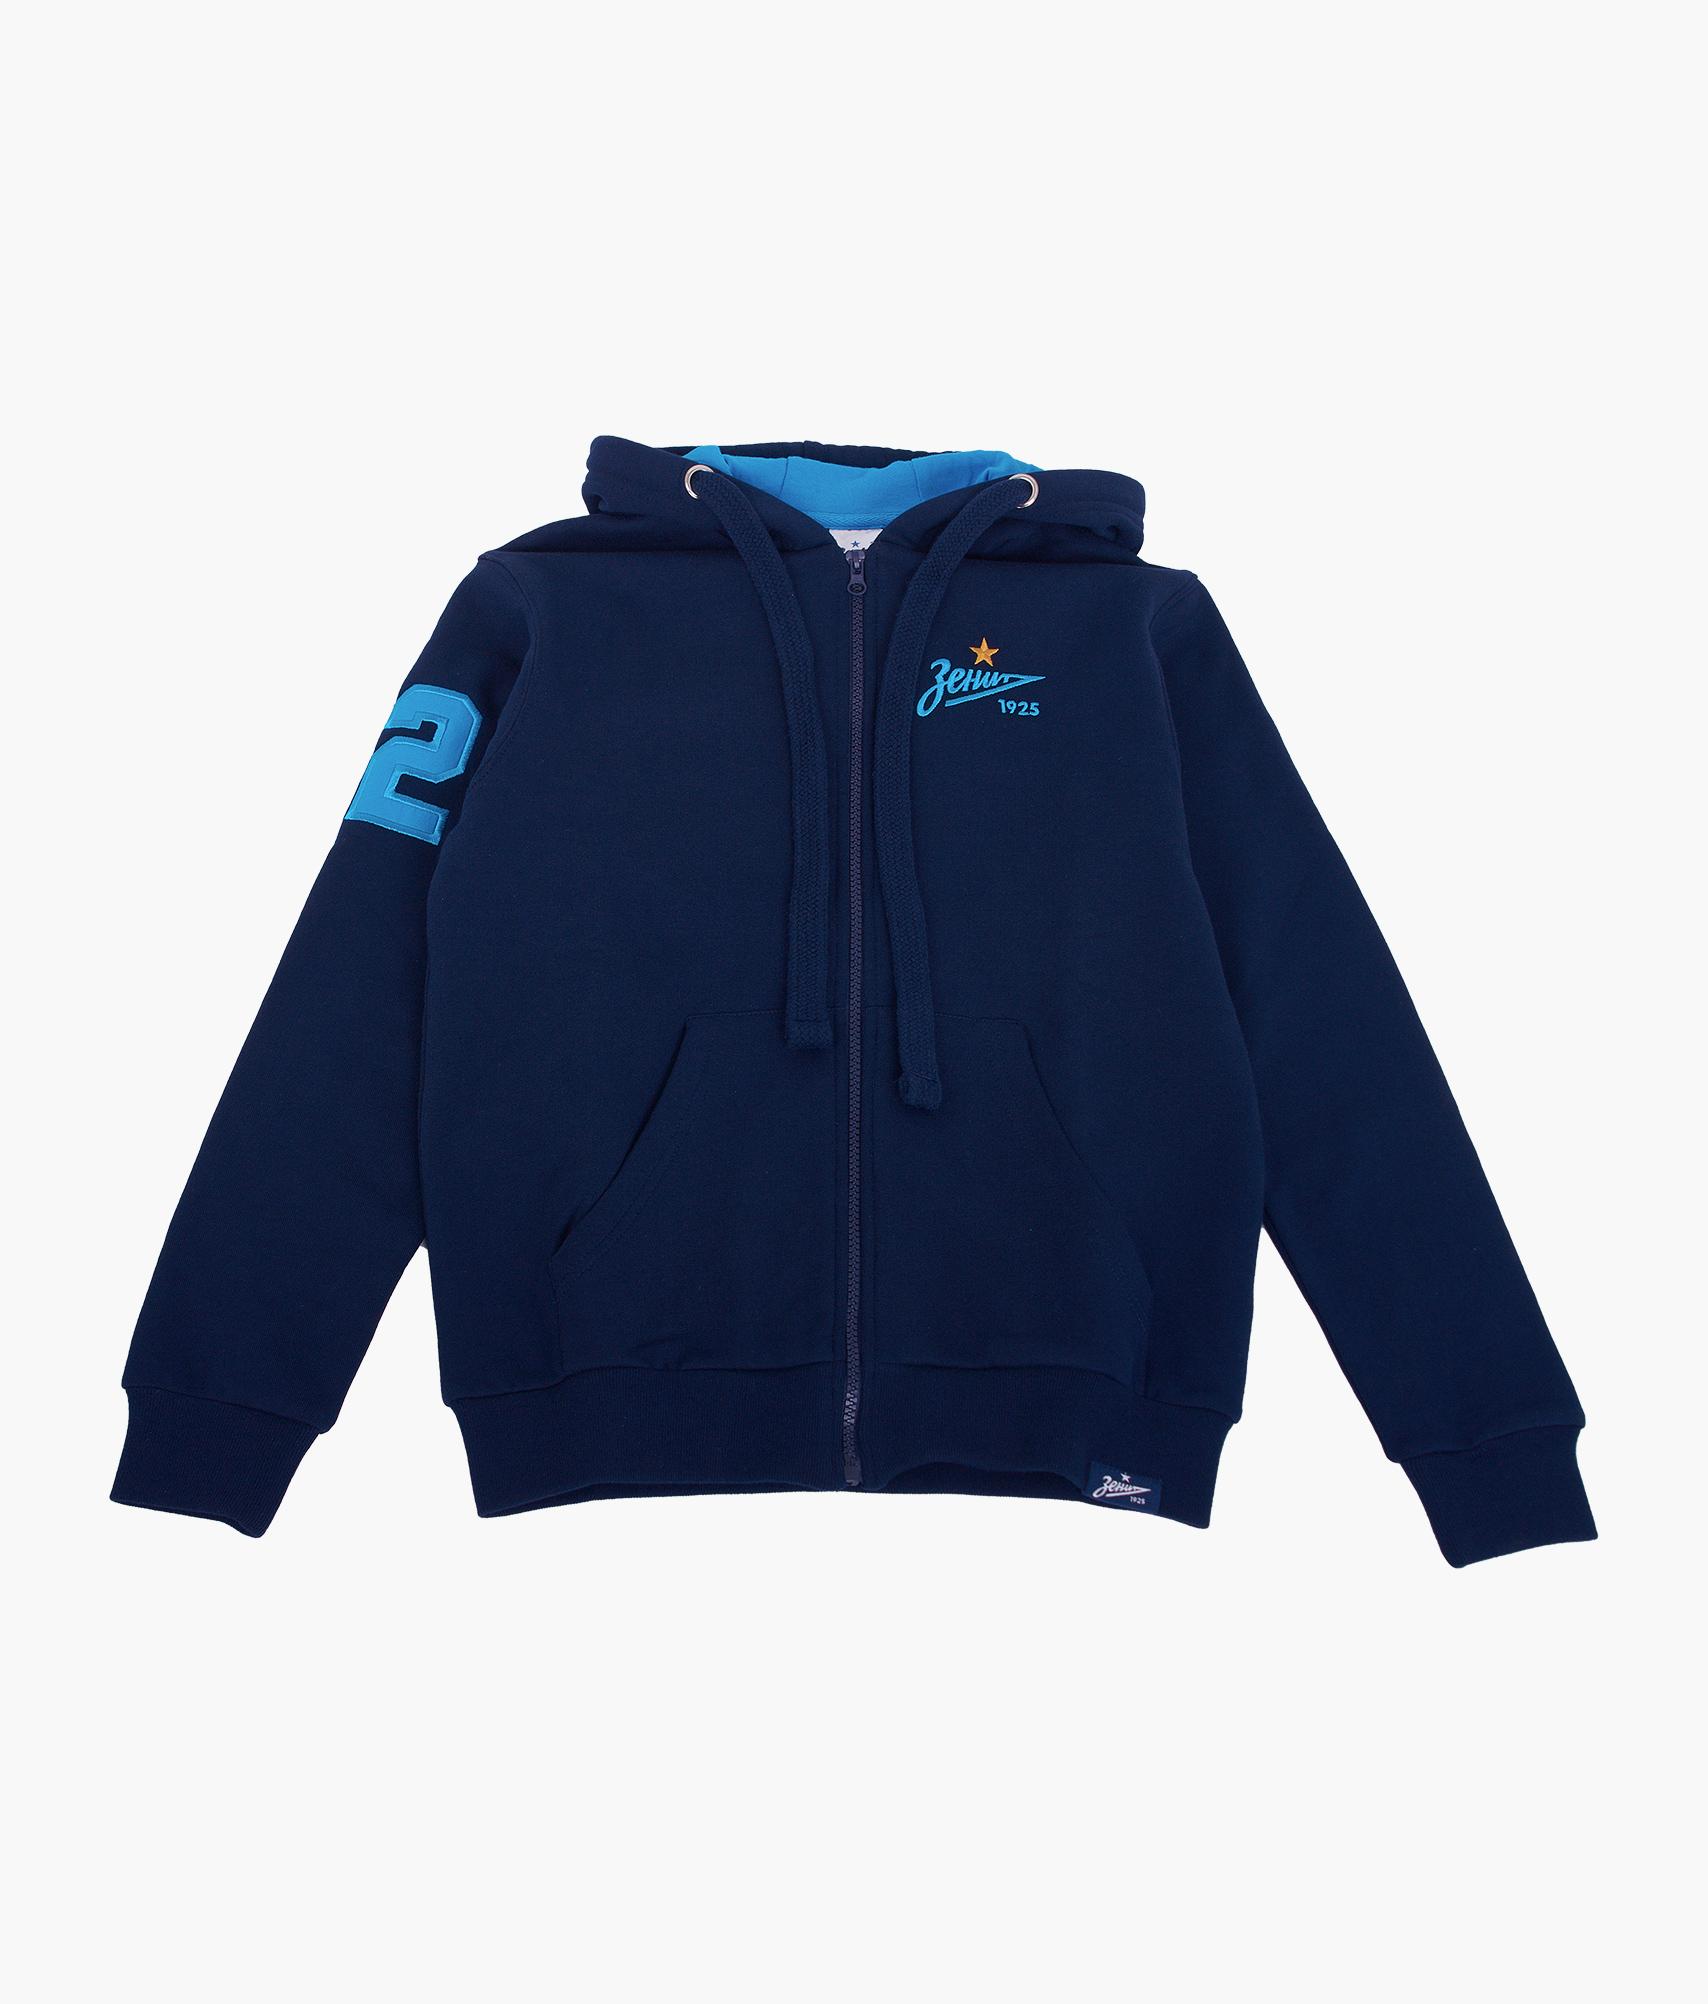 Фото - Толстовка детская Зенит Цвет-Темно-Синий куртка женская trussardi цвет темно синий 36s00158 blue night размер l 46 48